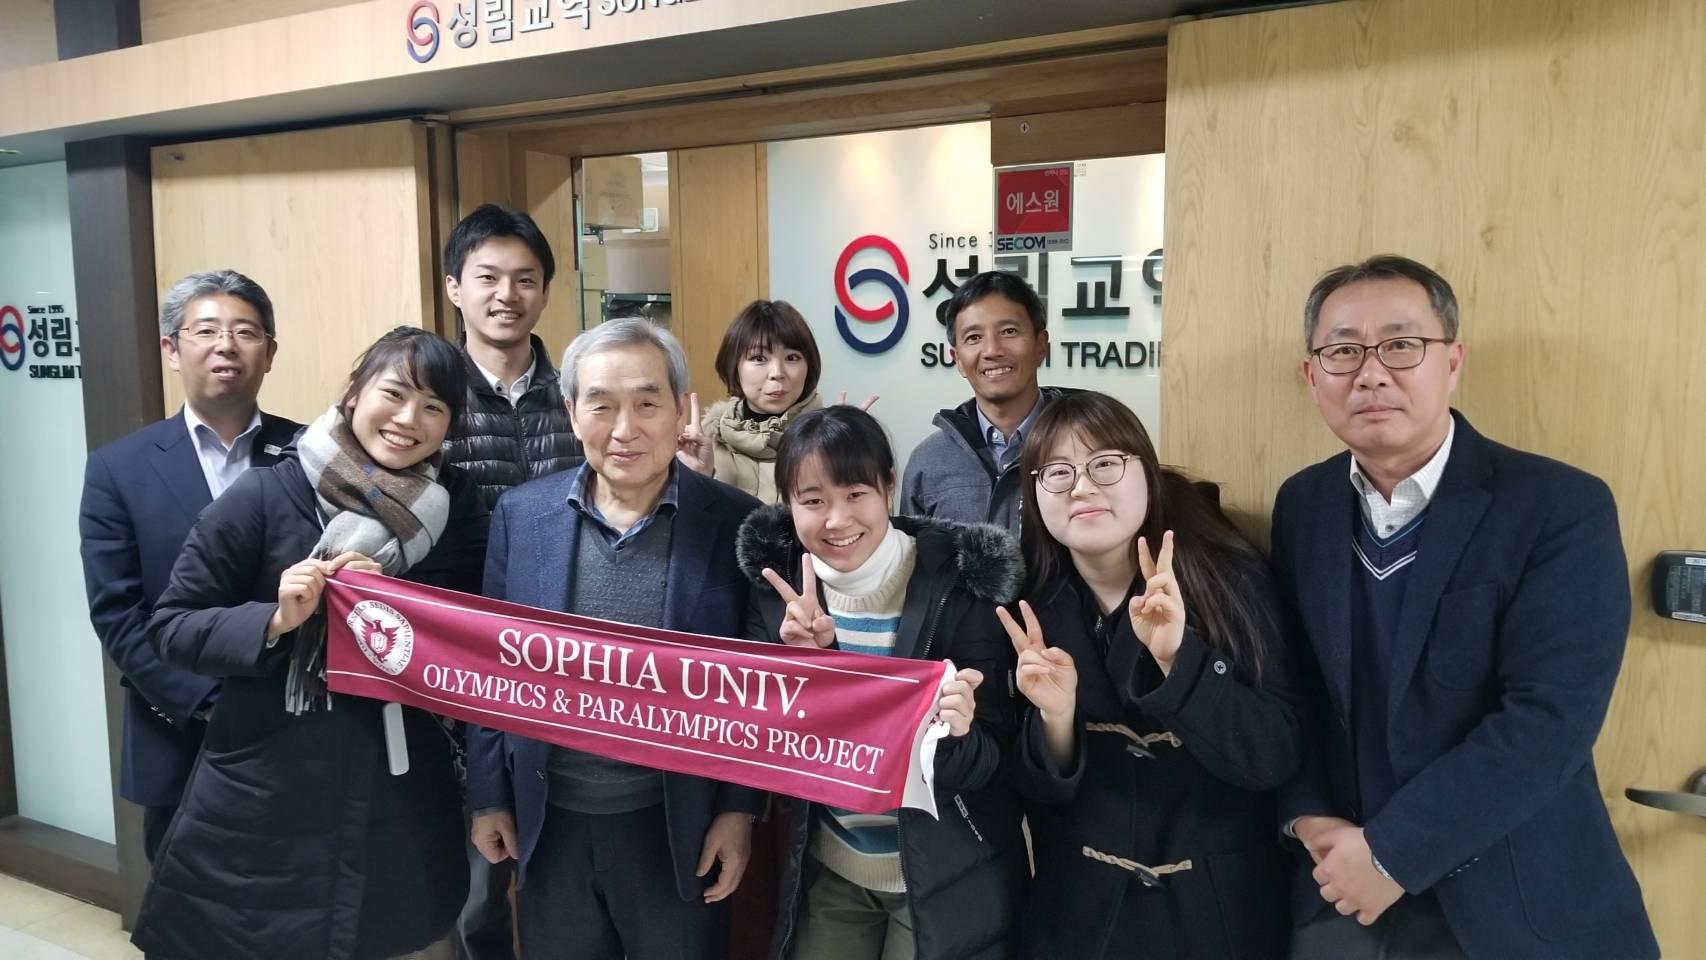 韓国の義肢装具の輸出入を行っている企業を訪問